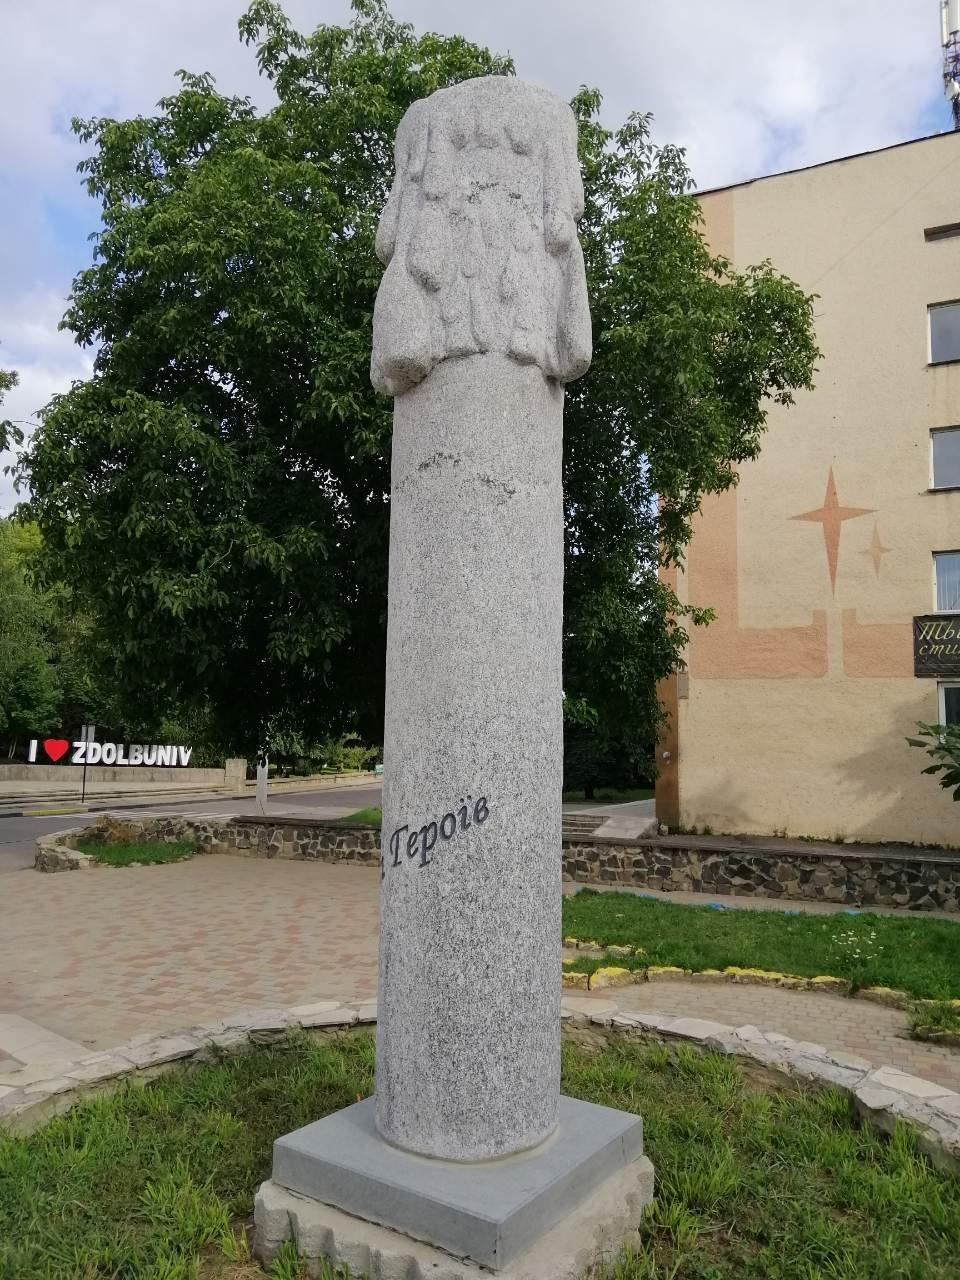 Здолбунівчани різко розкритикували меморіал, який почали встановлювати у центрі міста (ФОТО)  , фото-11